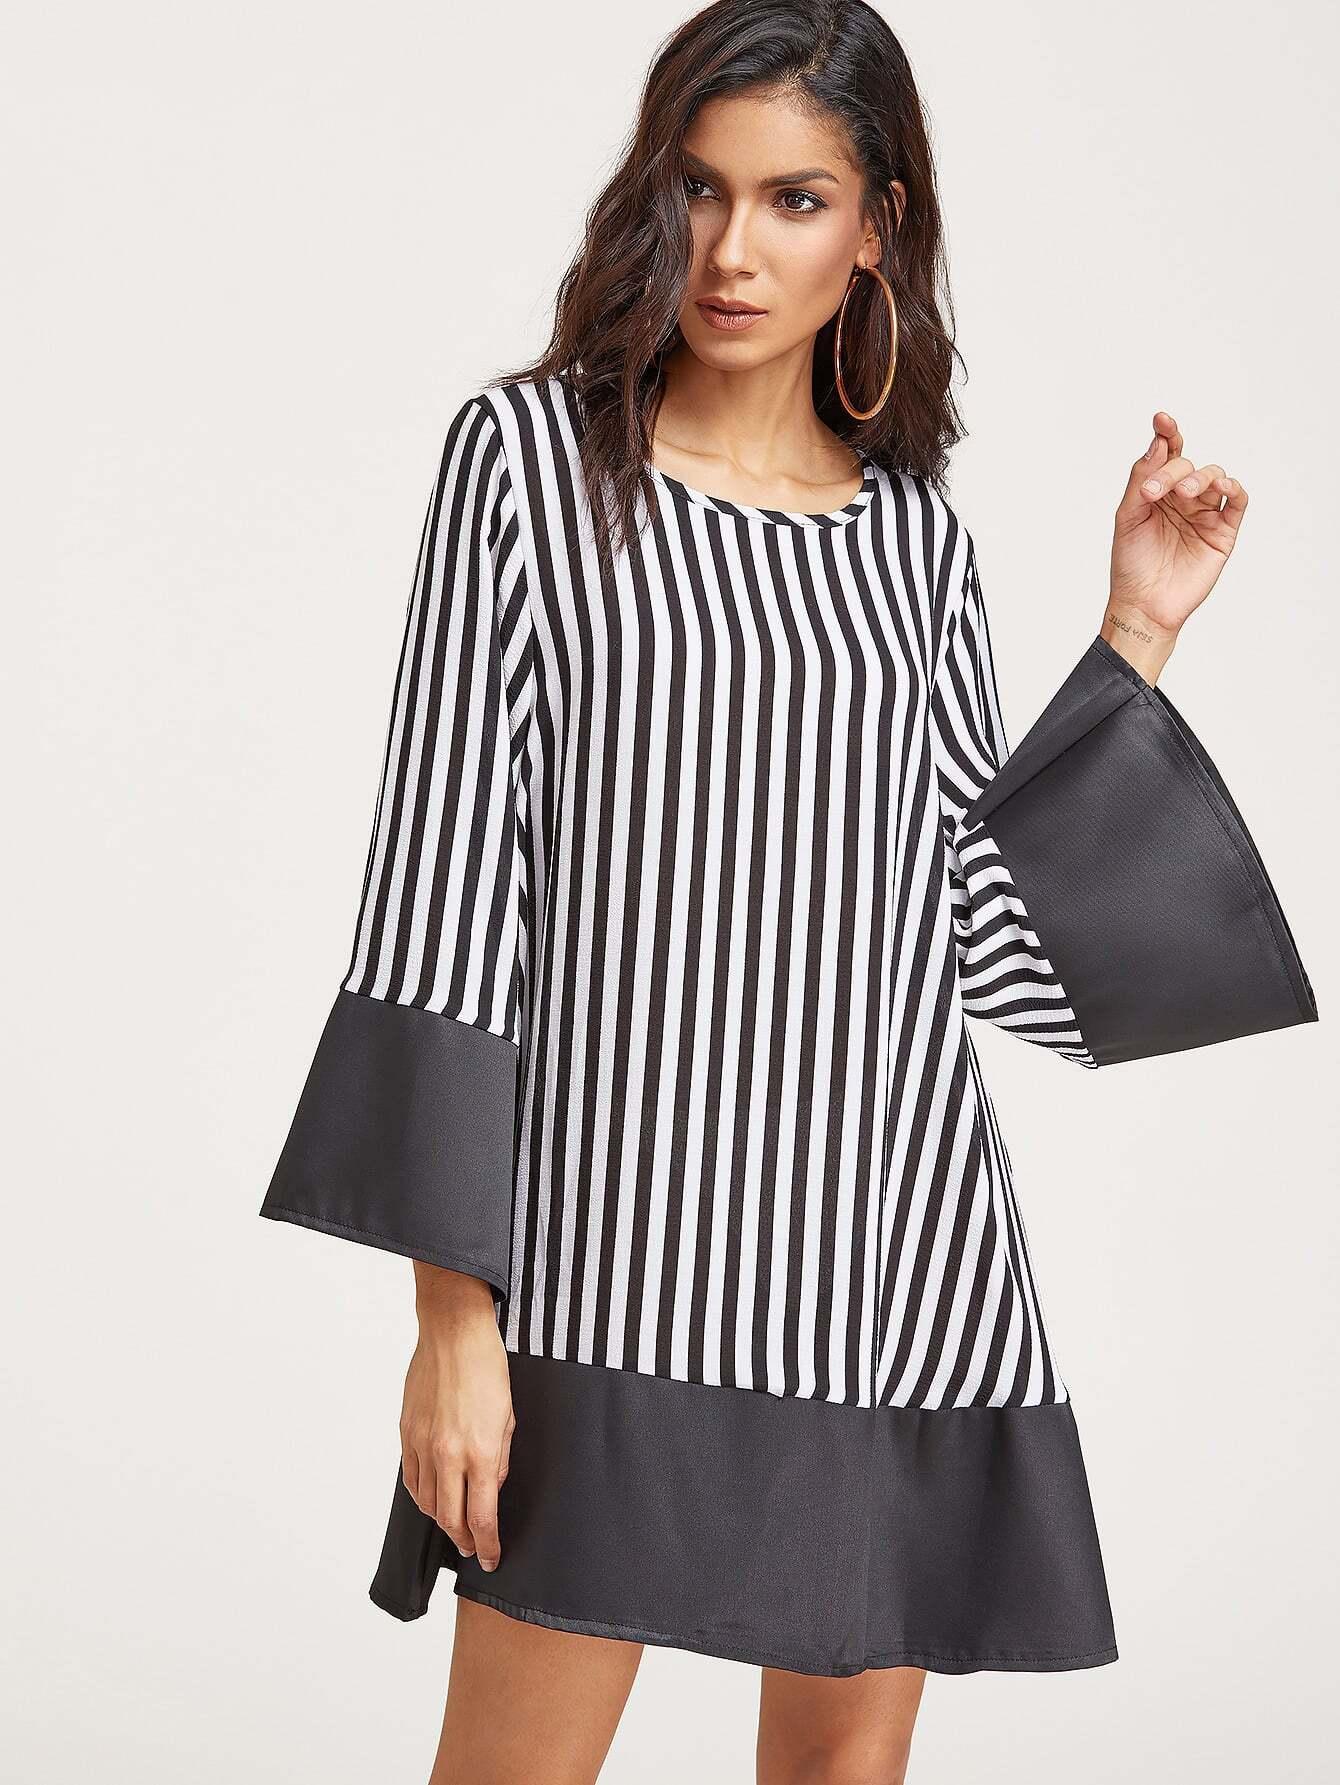 Vertical Striped Bell Sleeve Contrast Hem Dress